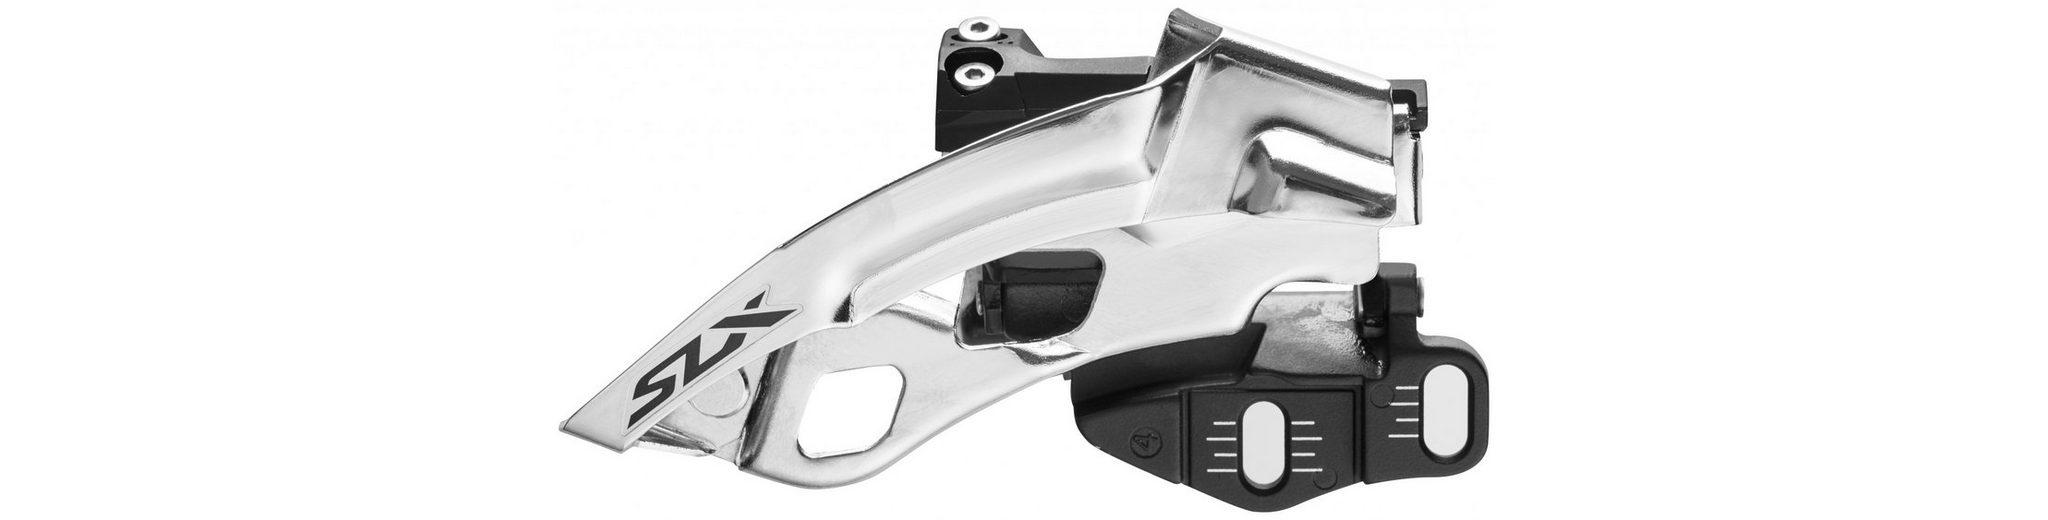 Shimano Schaltung »SLX FD-M7005 Umwerfer Direktmontage tief 3x10 Top«